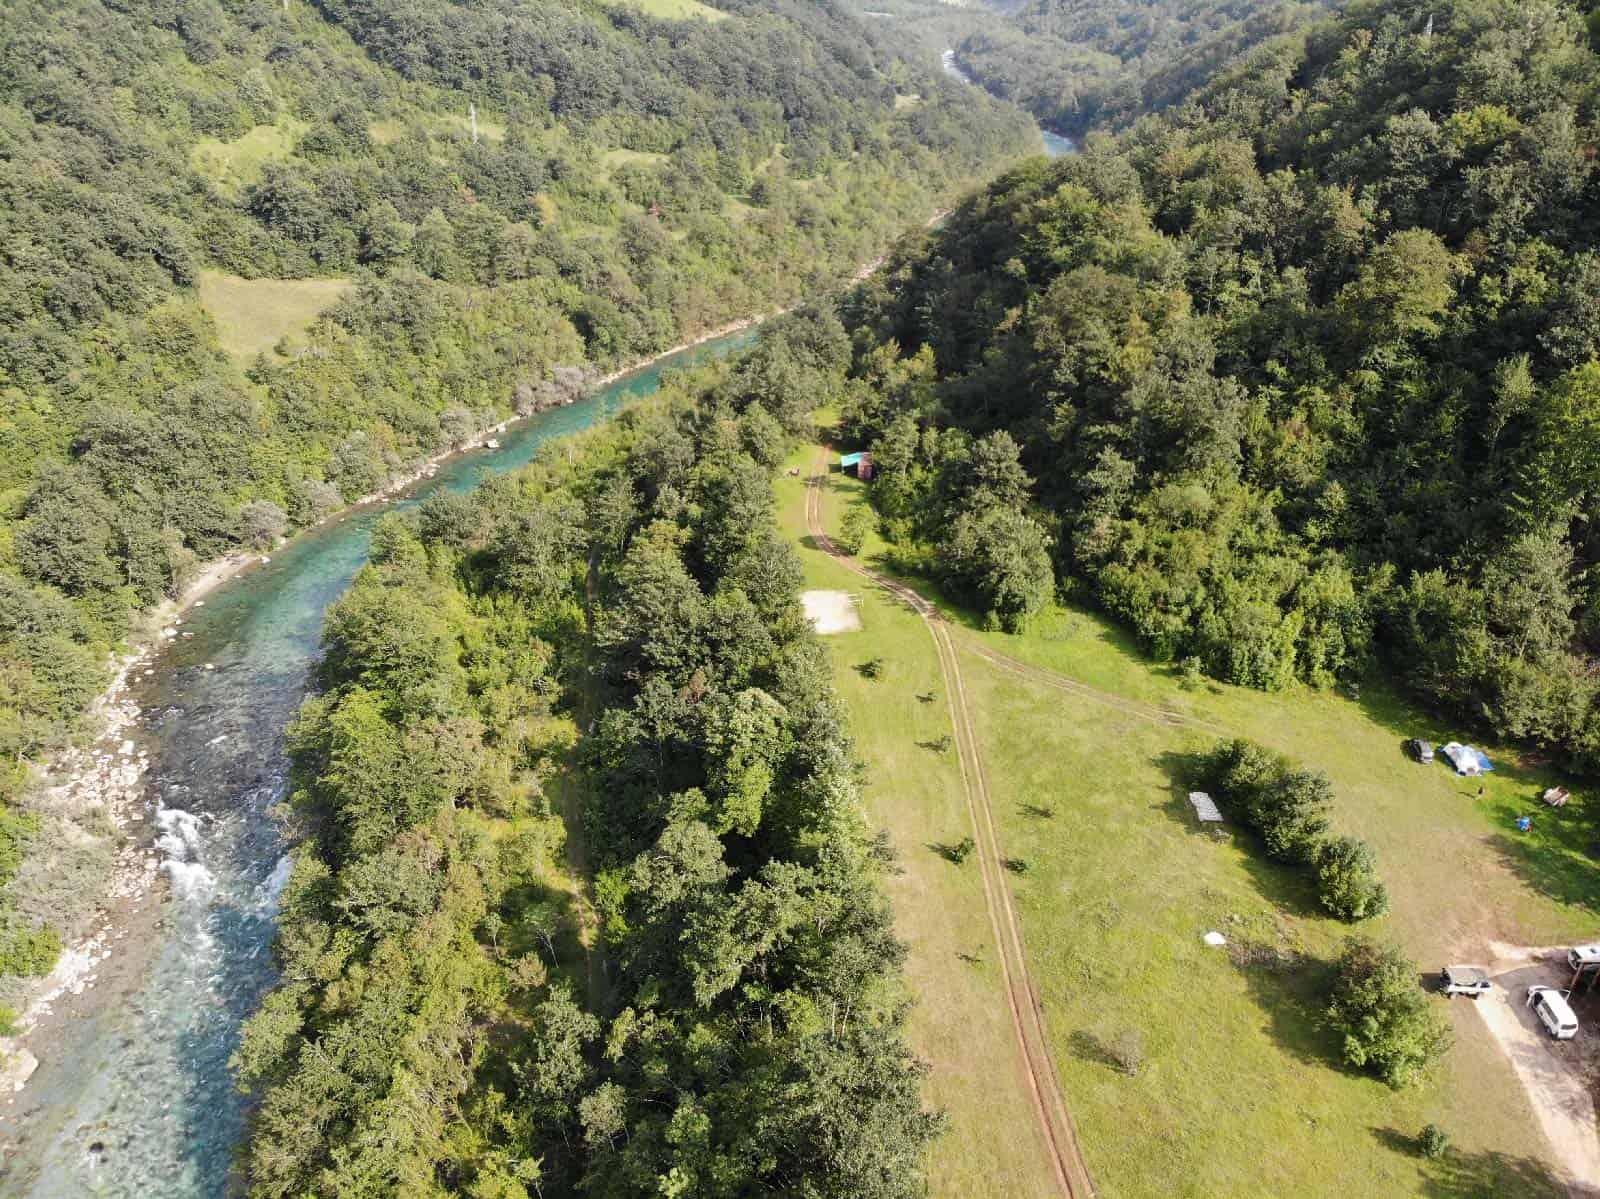 riverside camp tara river canyon montenegro